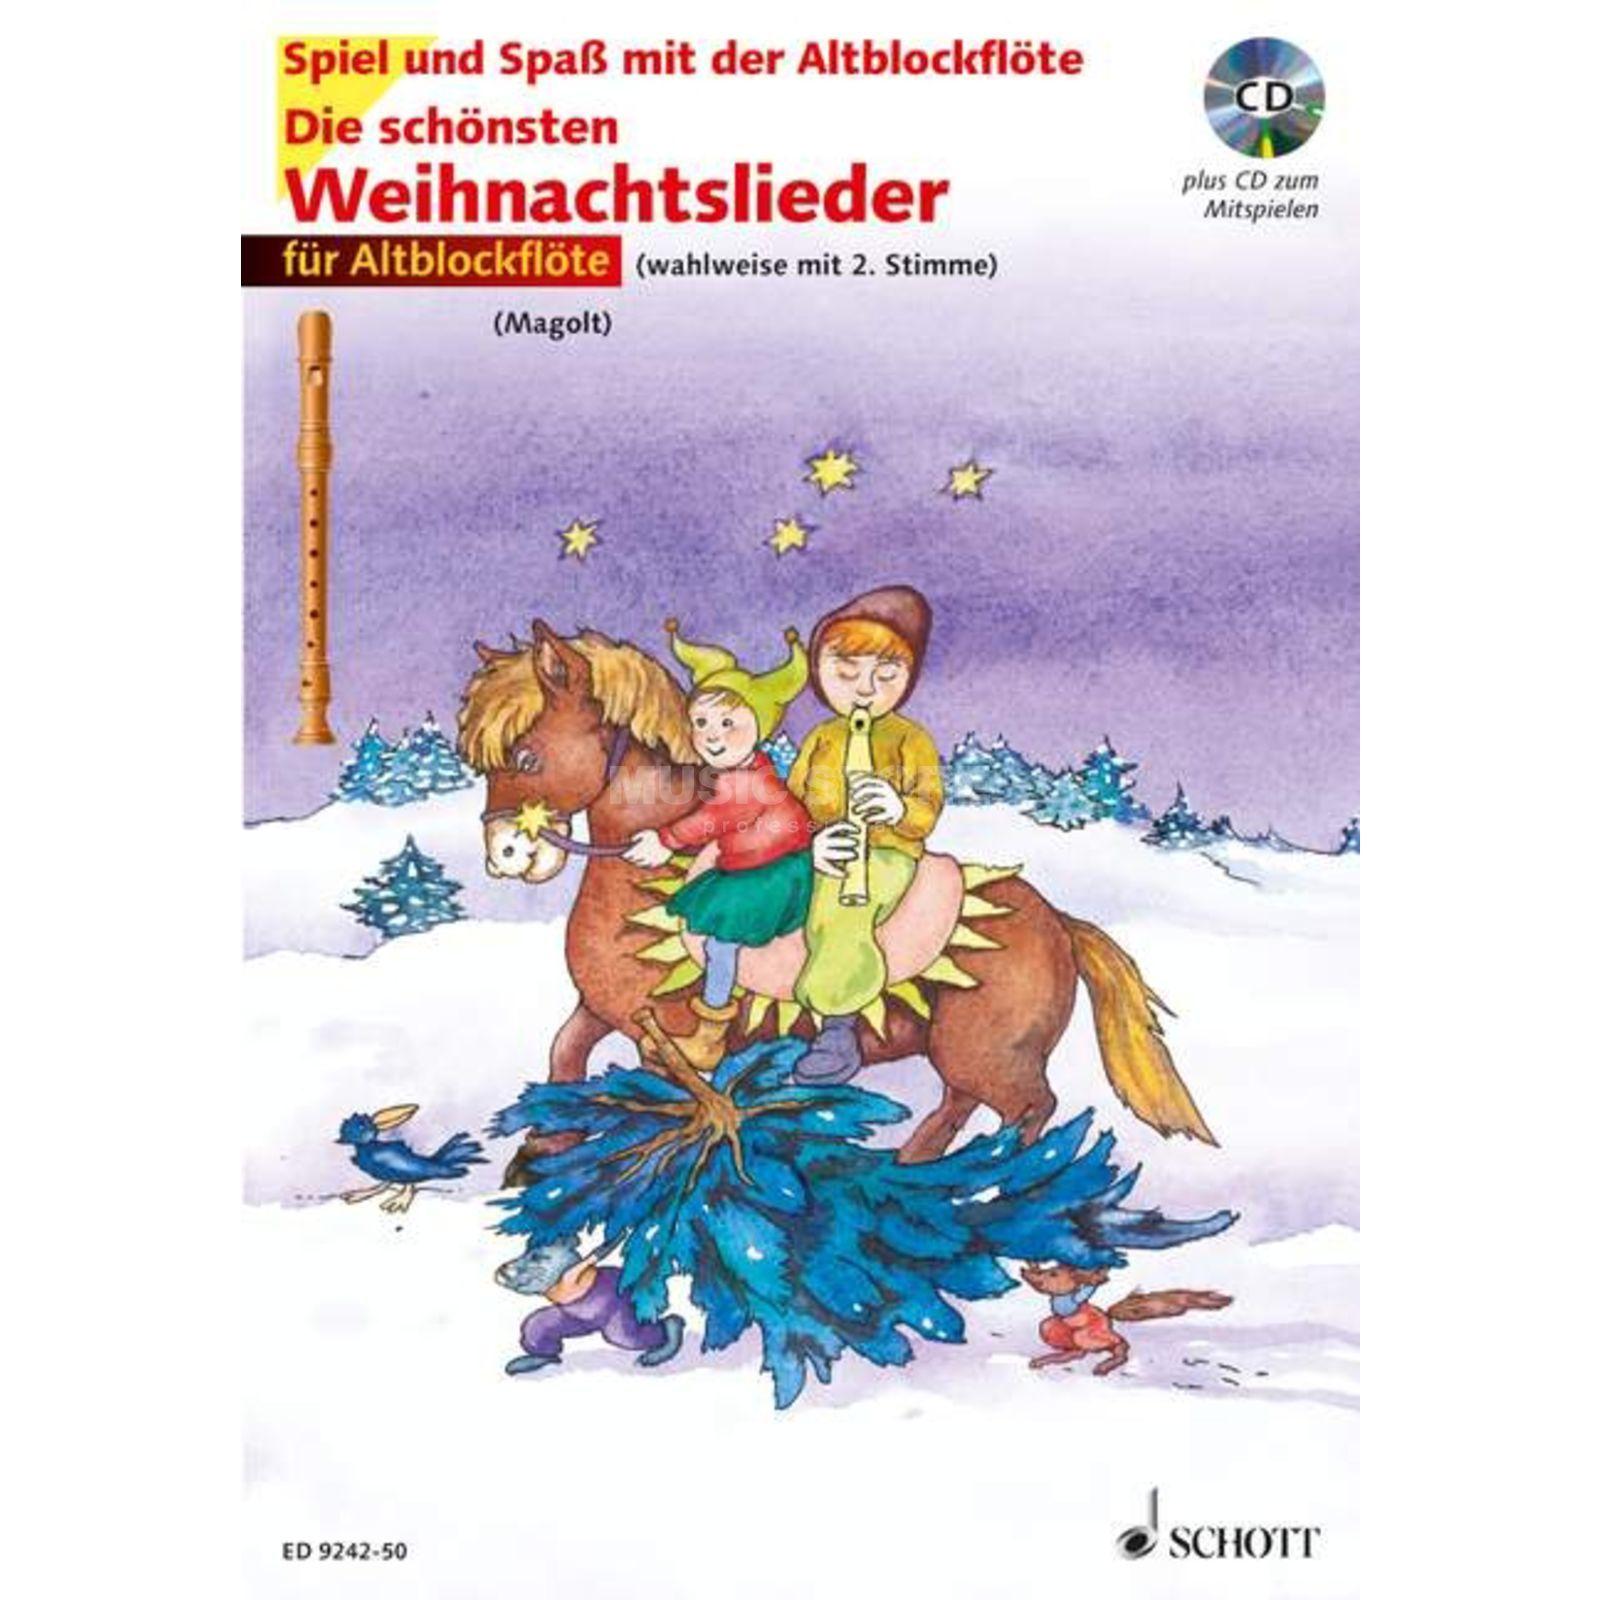 Schott Music Die schönsten Weihnachtslieder